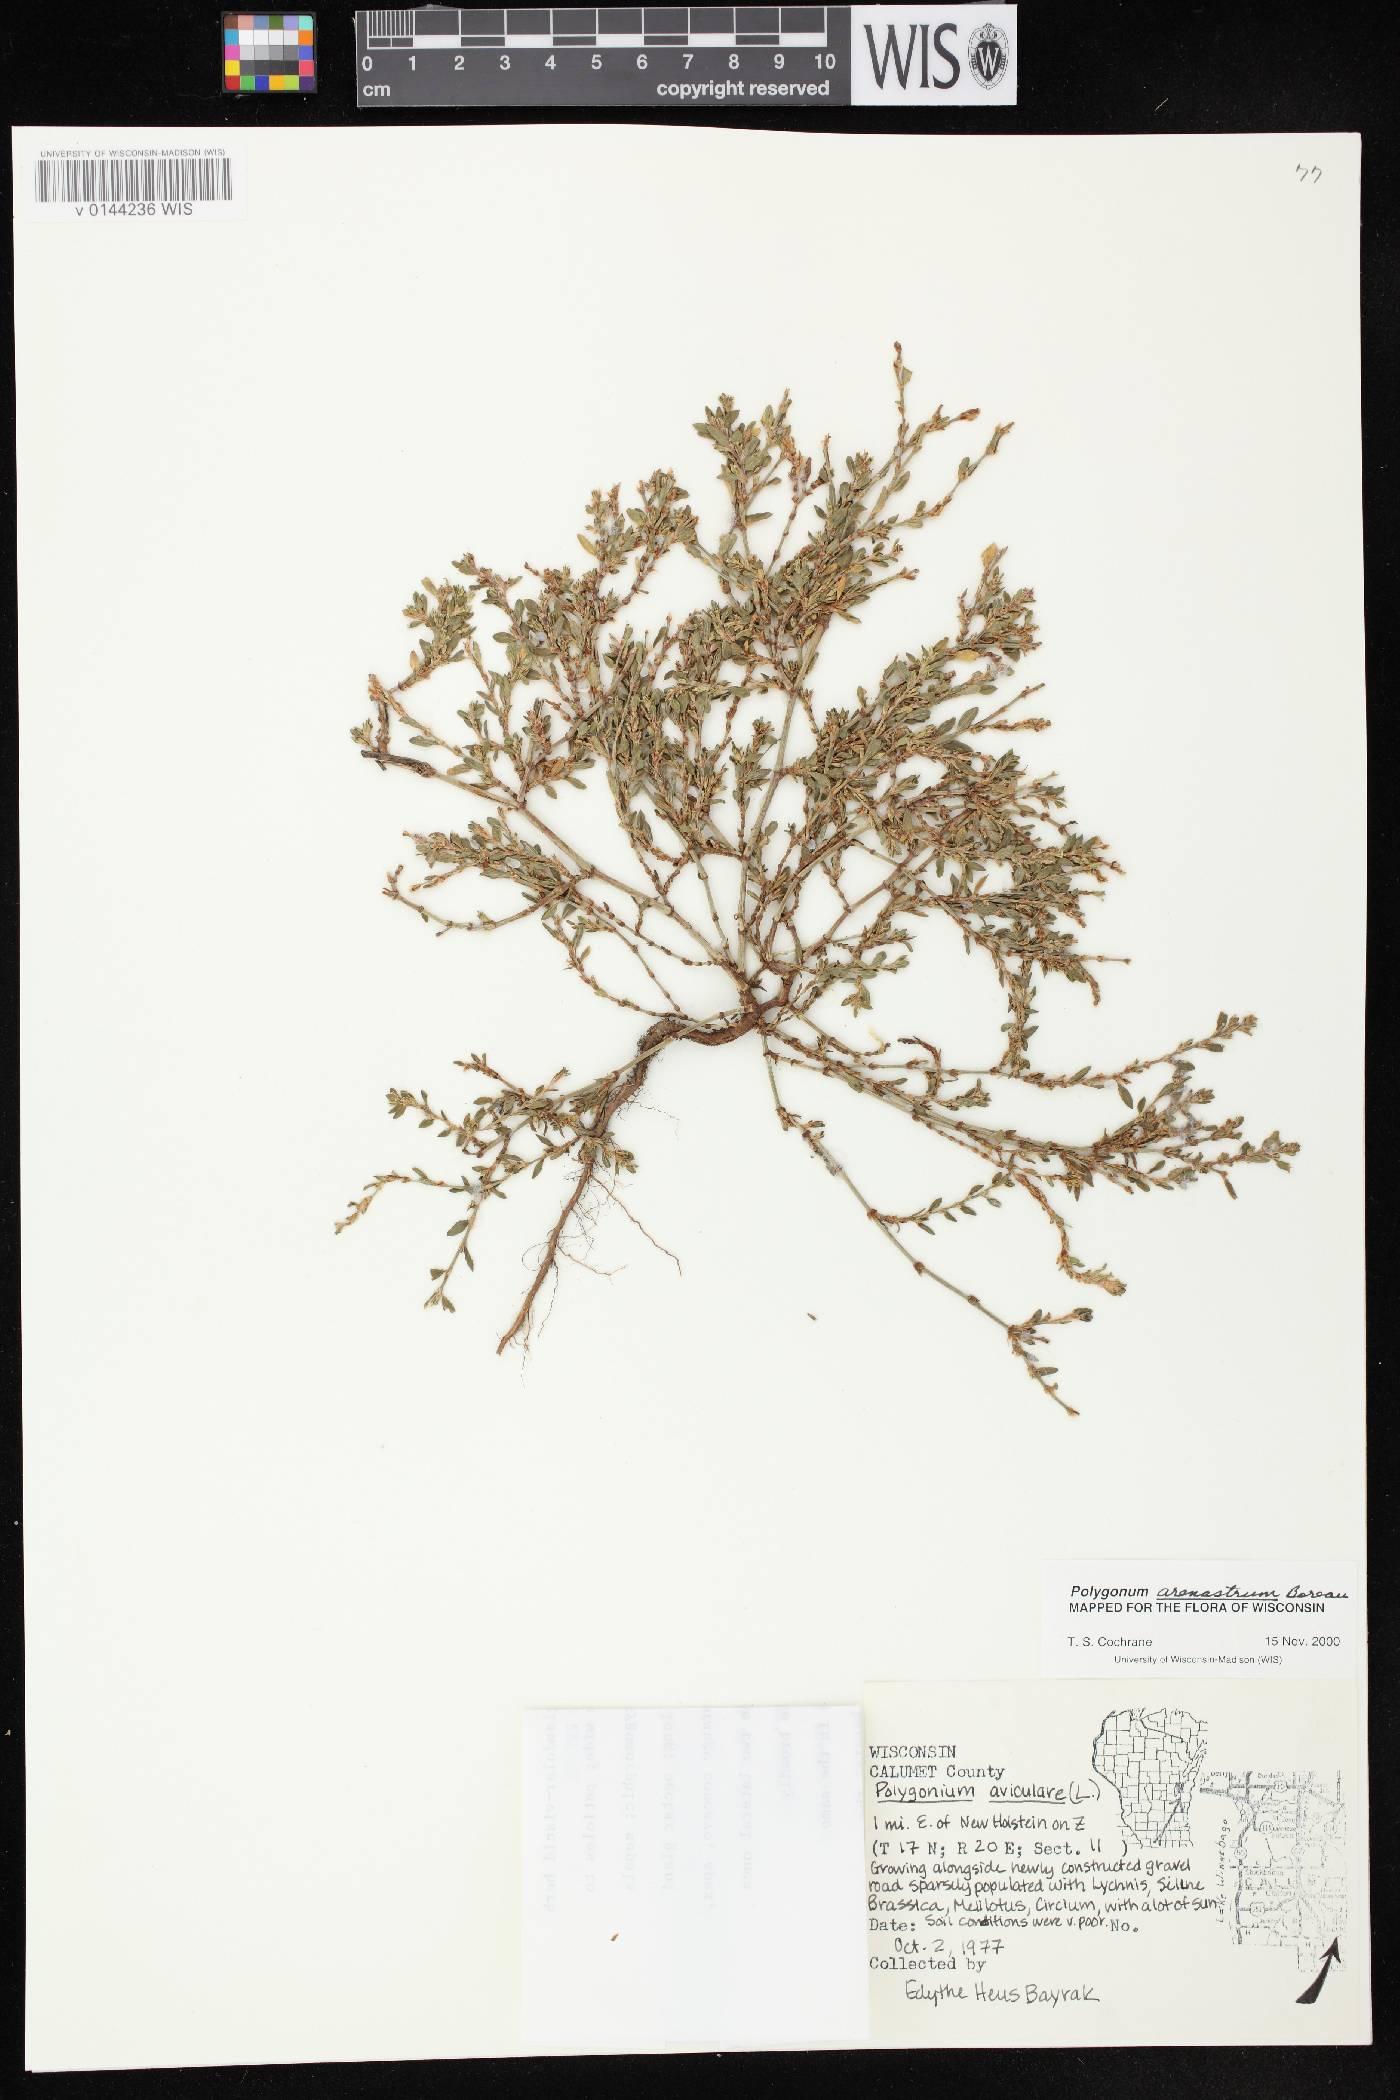 Polygonum aviculare subsp. depressum image